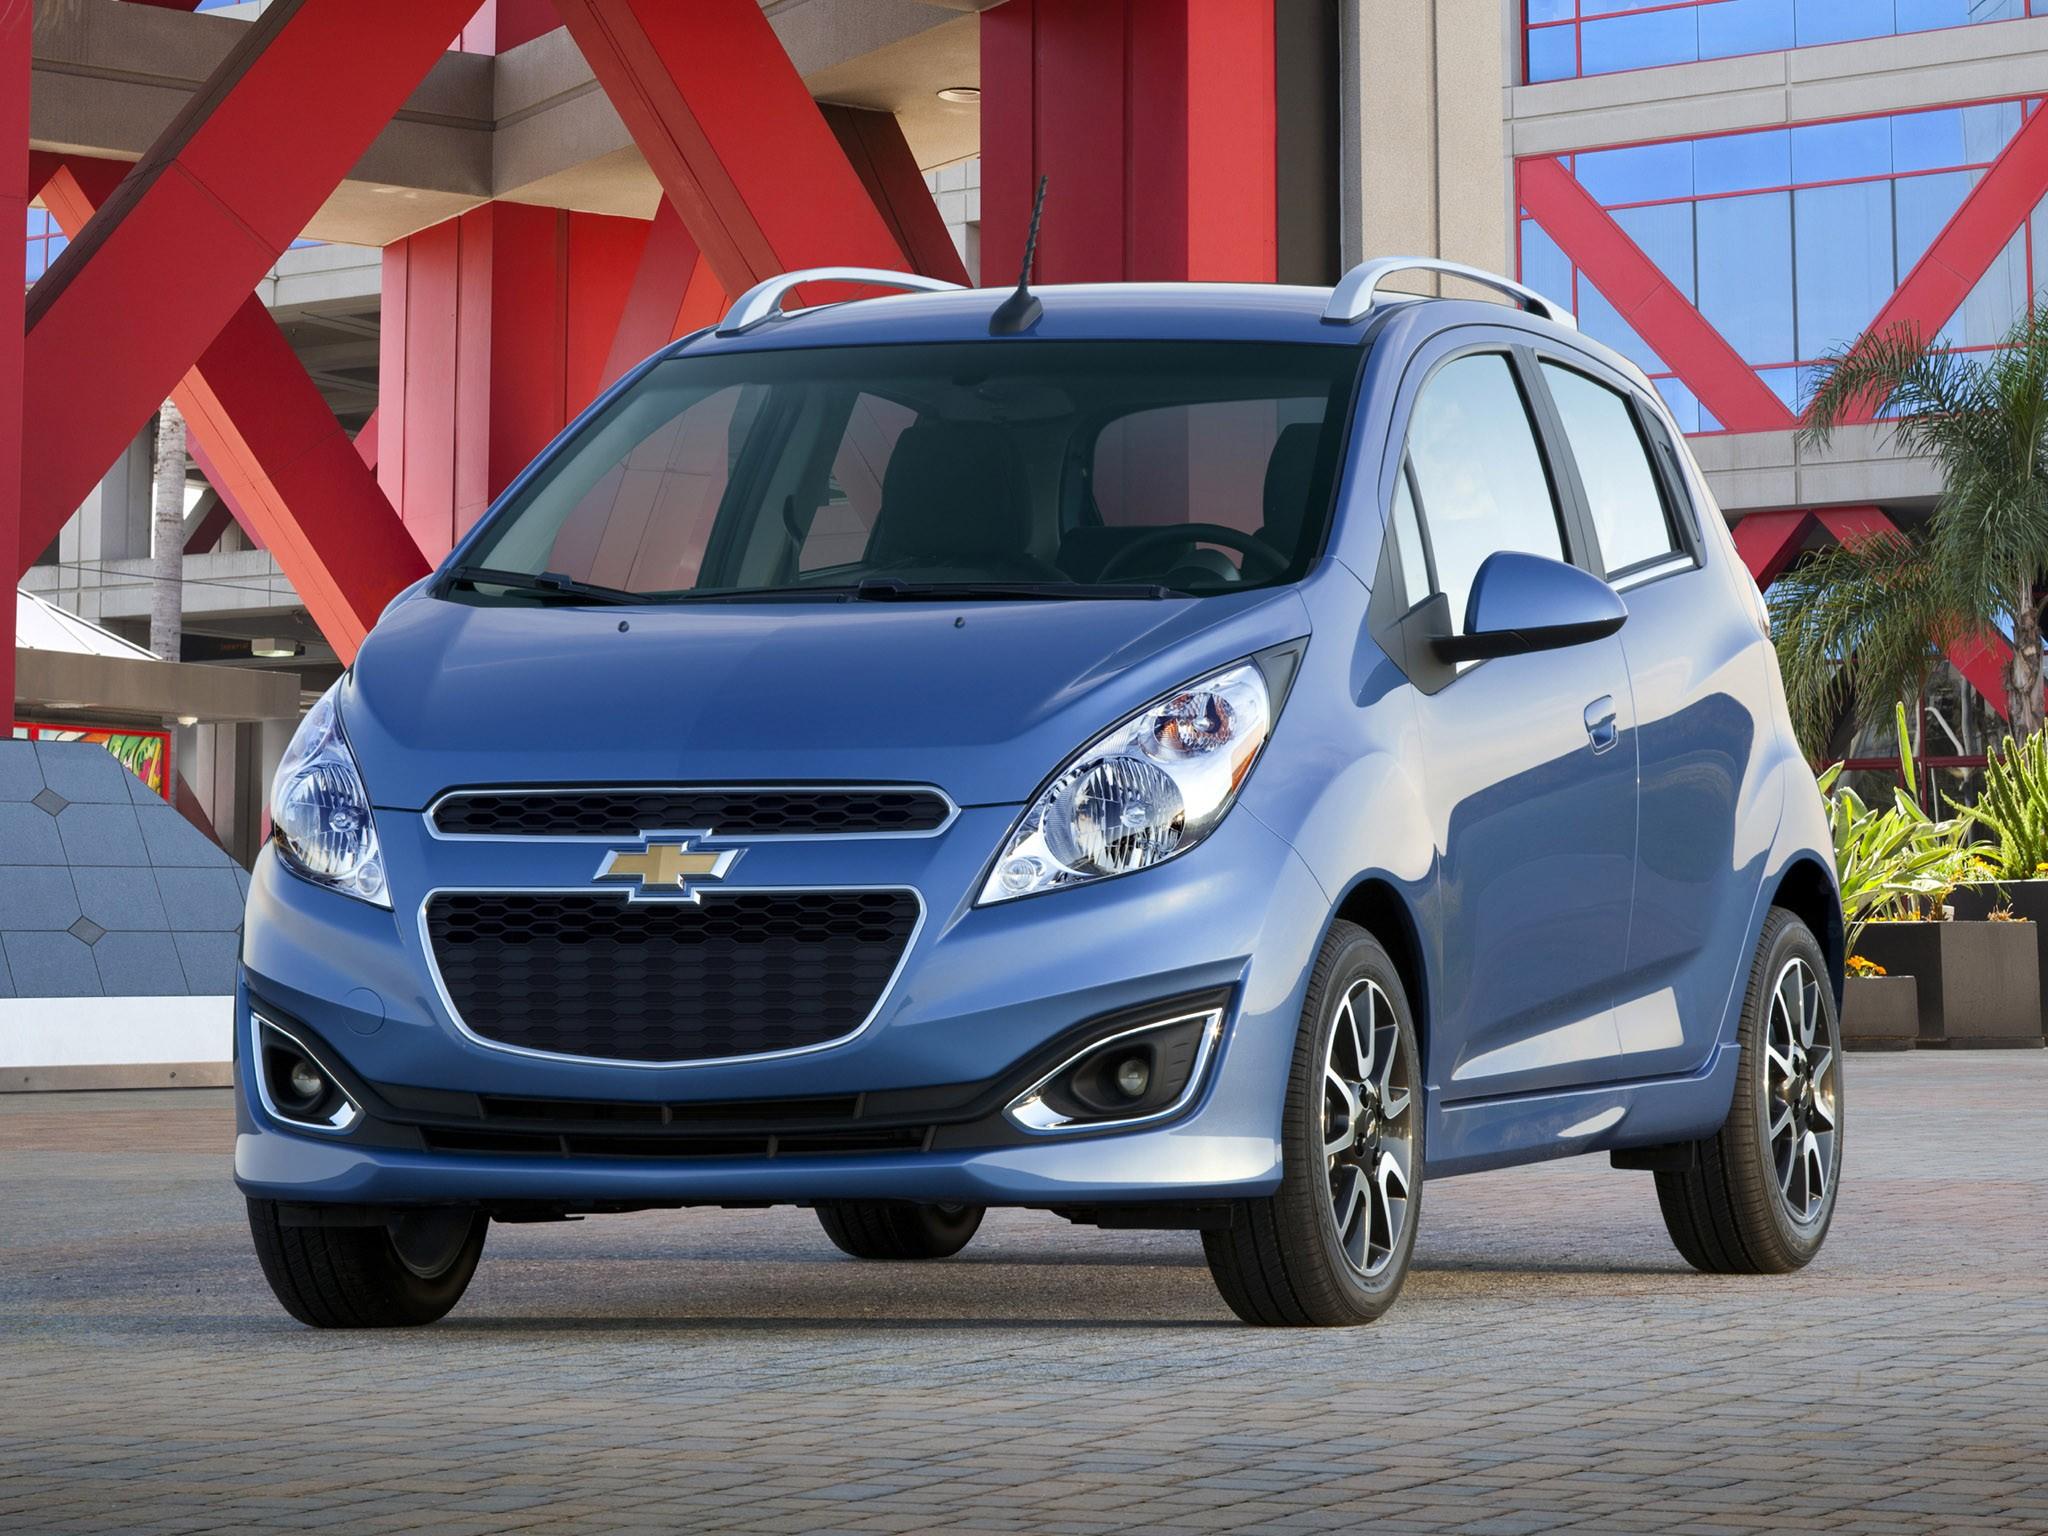 2012 Chevrolet Spark USA